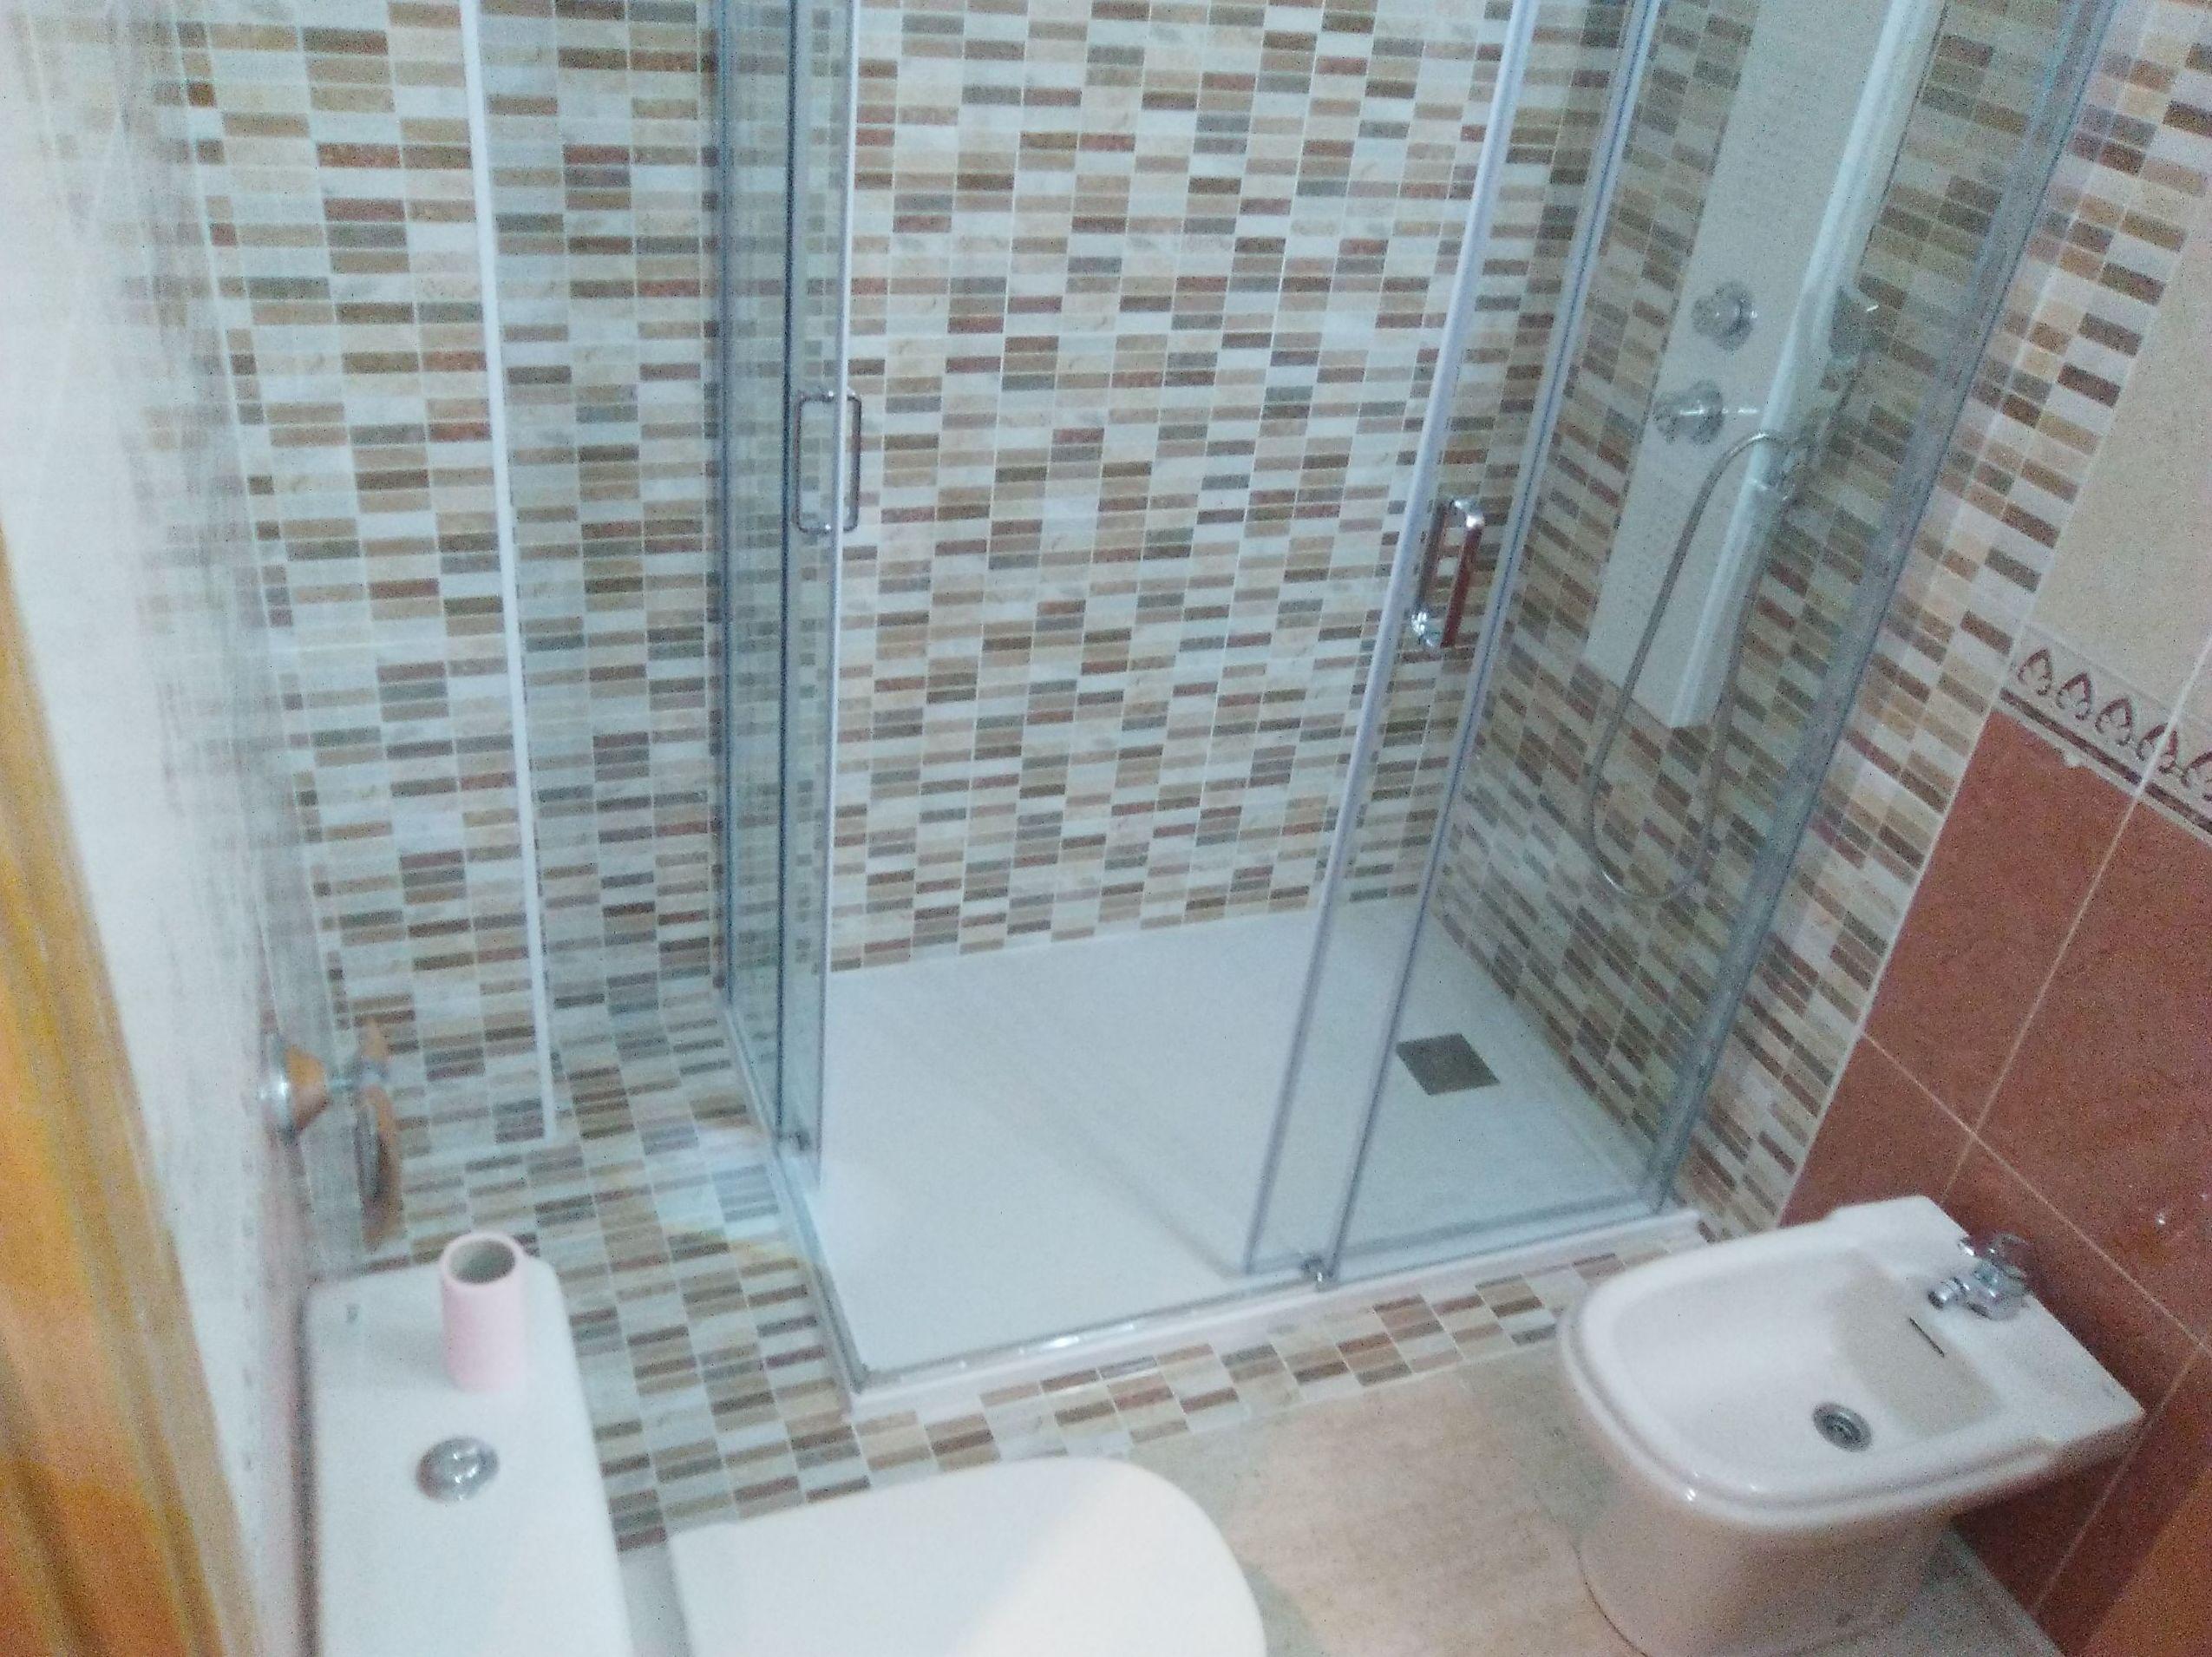 Foto 3 de Reformas de baños y cocinas en Zaragoza | REFORMAS BAÑO MODERNO